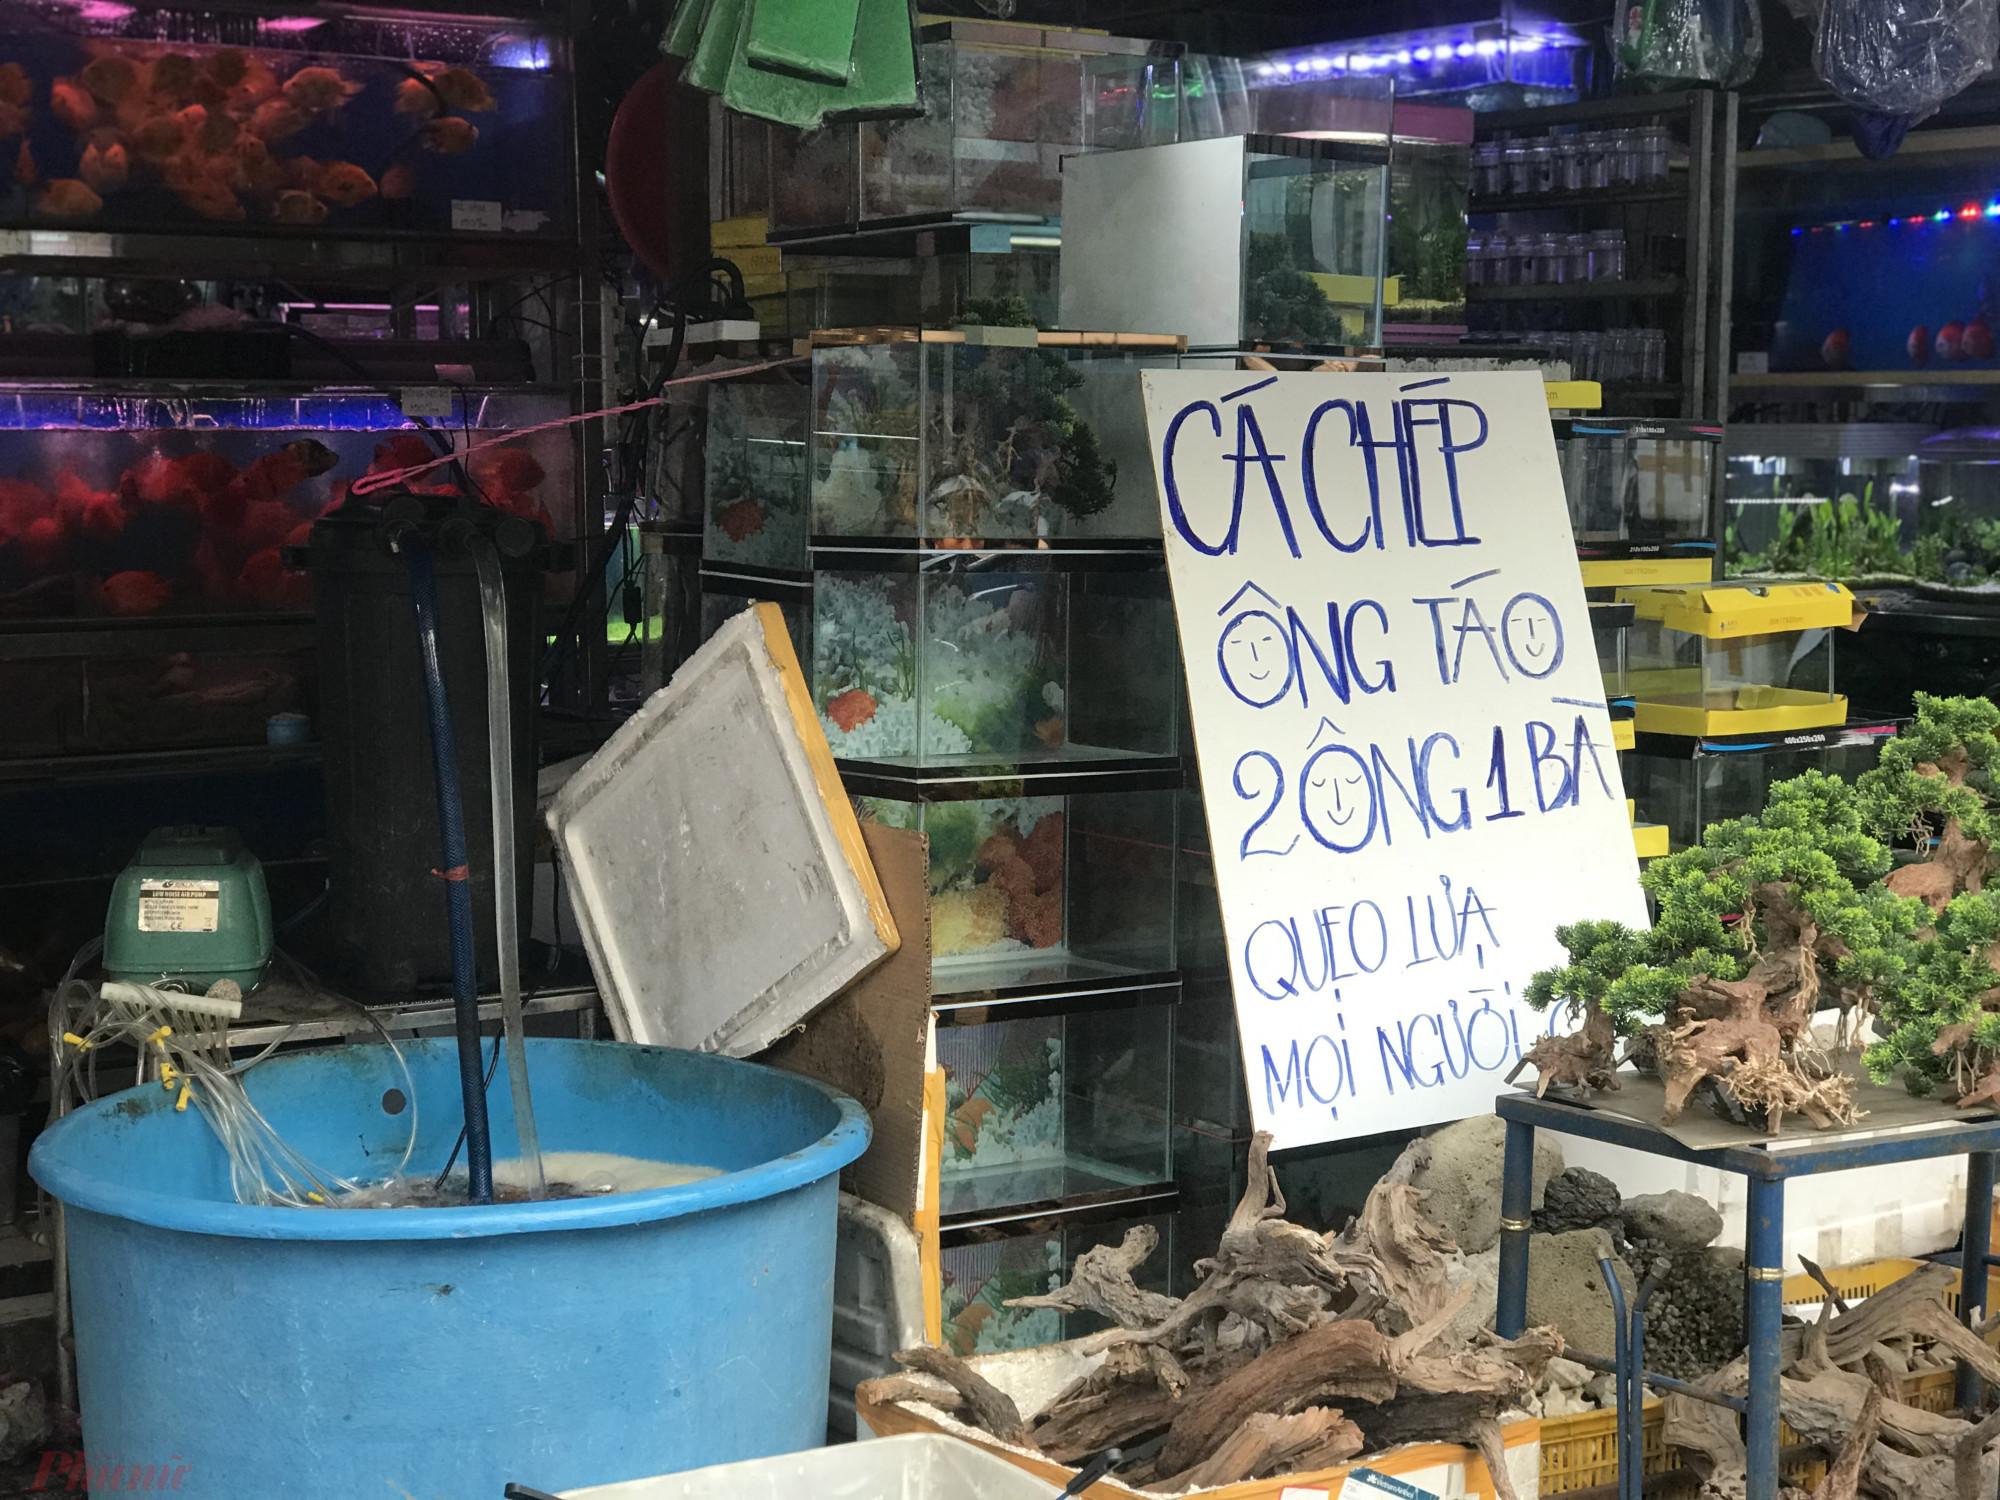 Còn tại các cửa hàng cá, mặc dù treo biển bán từ sáng 22 tháng Chạp, nhưng đến chiều chủ hàng cá tại đường Nguyễn Thông (quận 3) cho biết vẫn chưa bán được con nào.